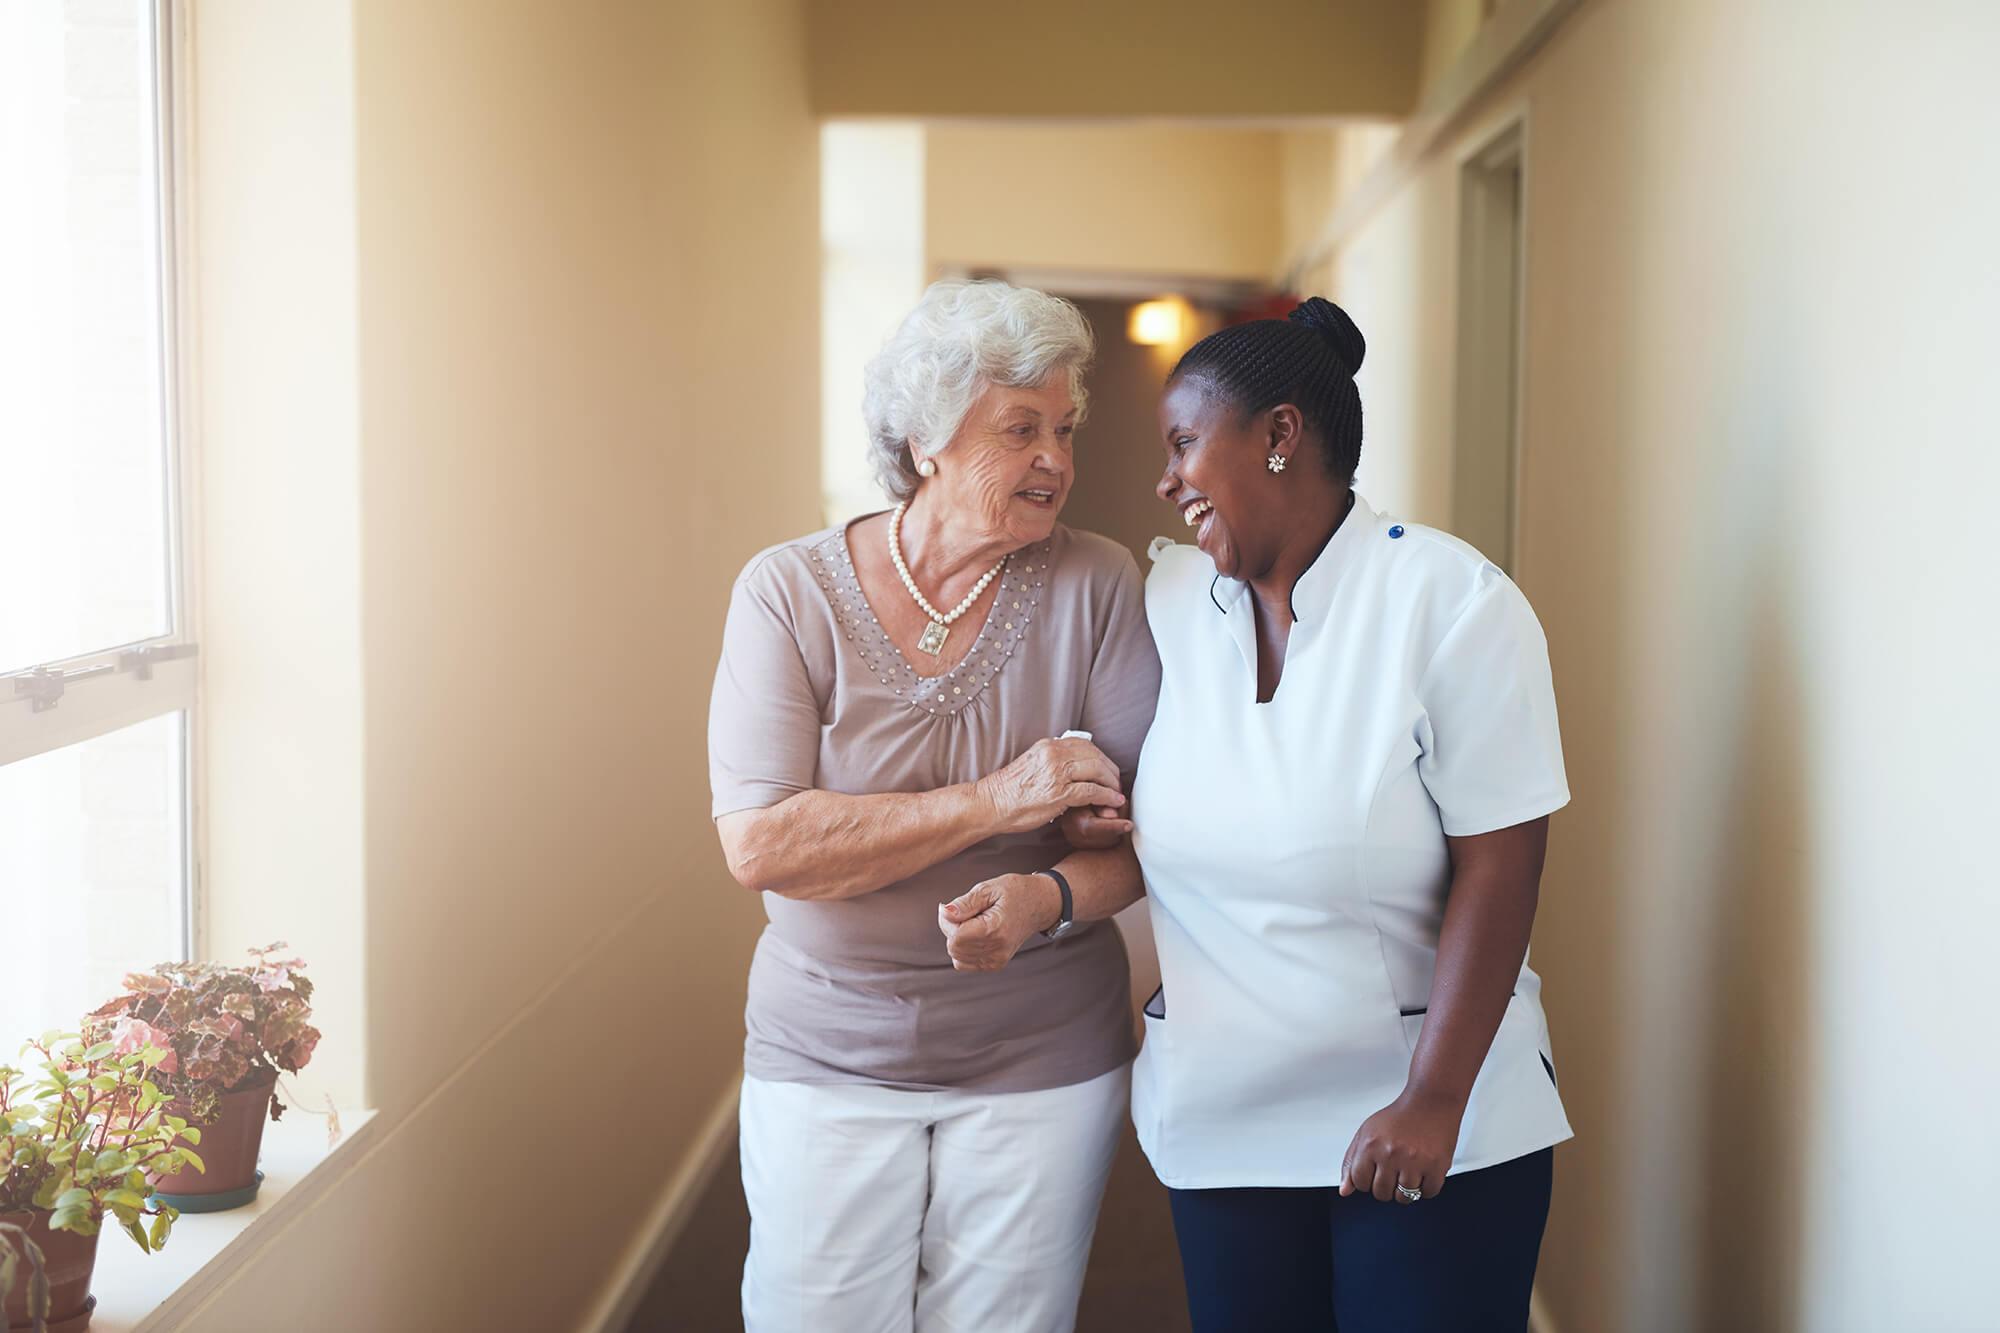 Female nurse walking down a corridor with older lady